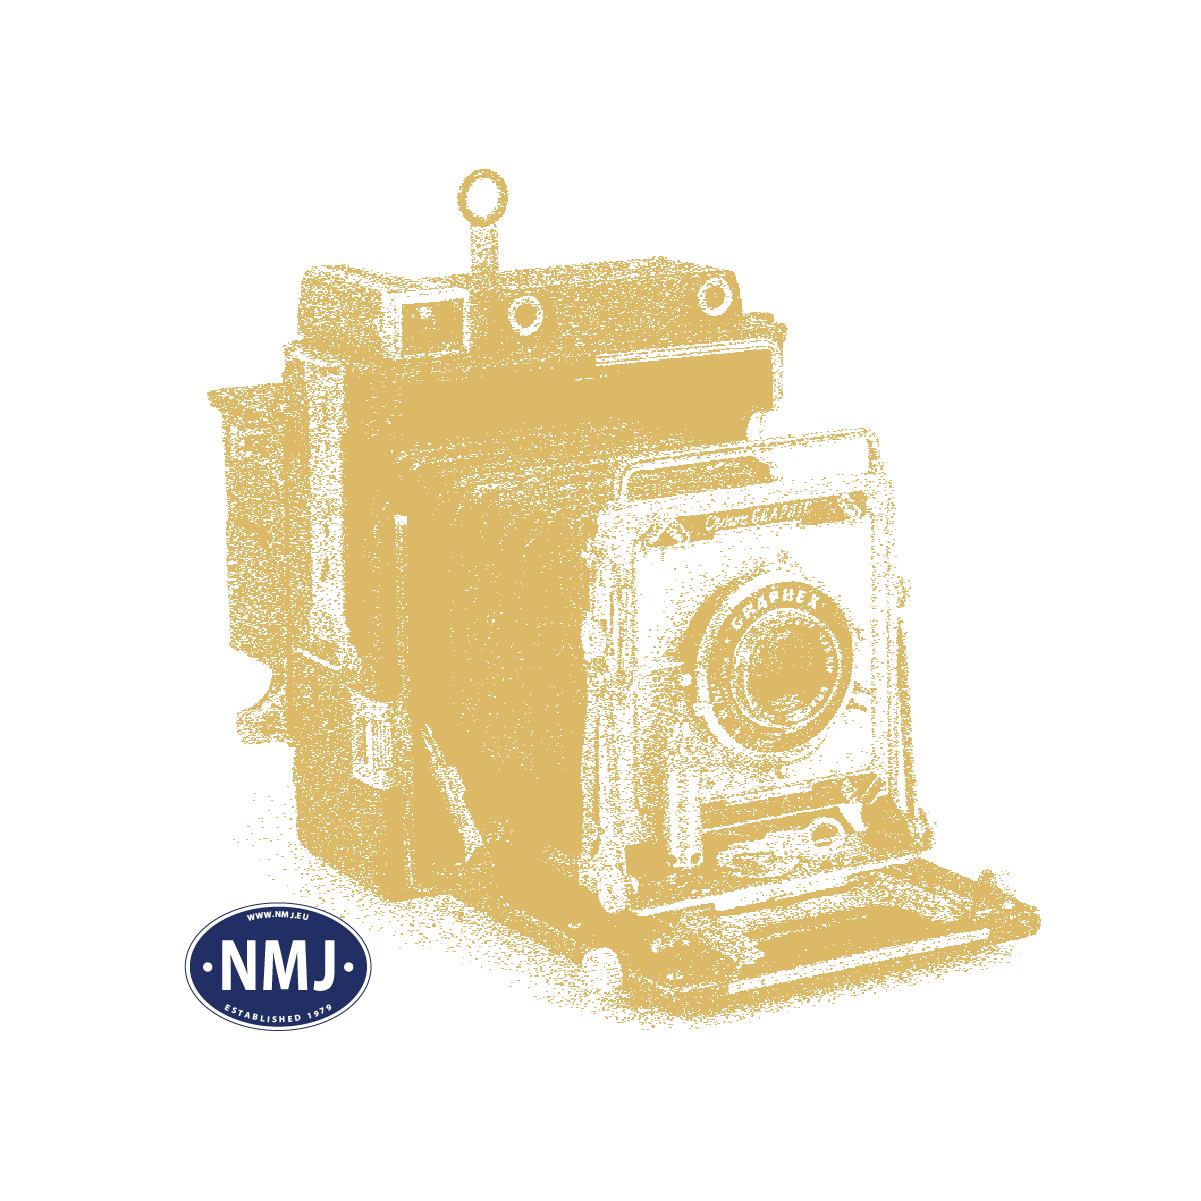 NMJT145403 - NMJ Topline SNCB 5211, DC Analog, Spür 0